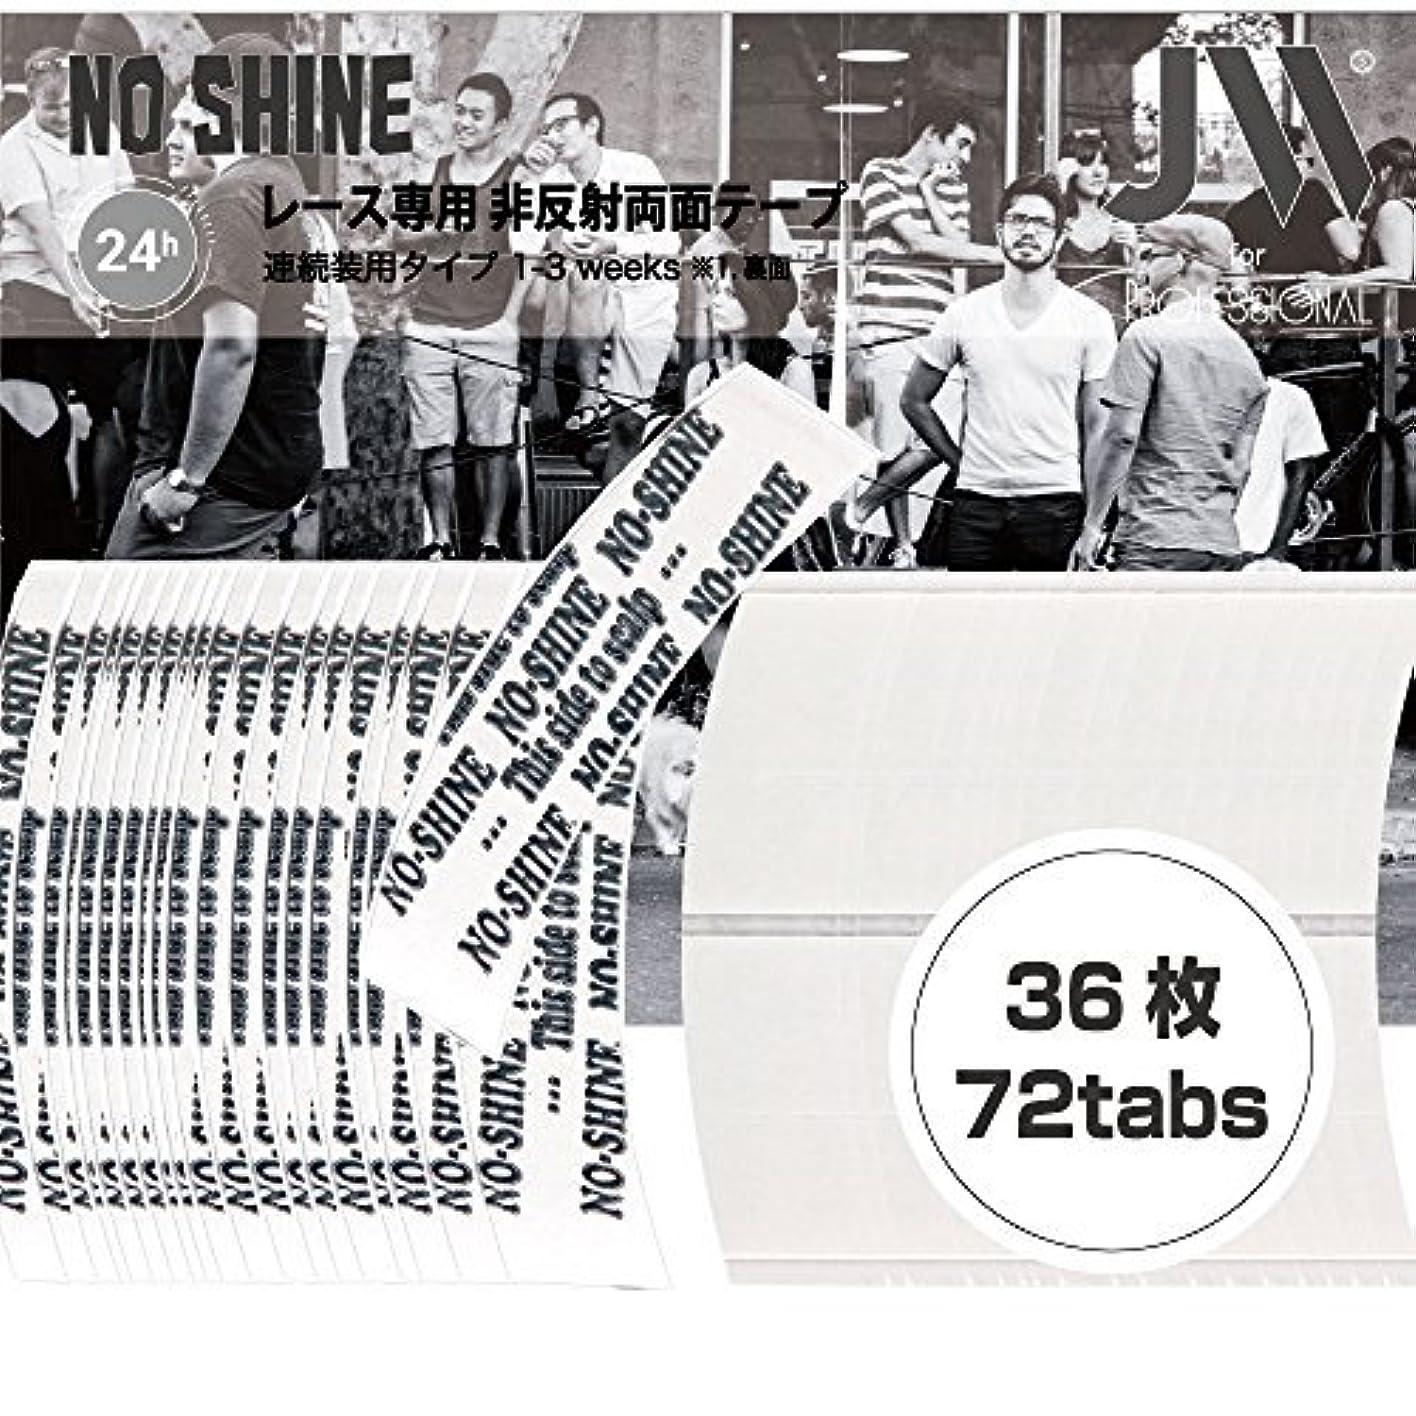 プライバシー伝導スタンド強力両面テープ:No Shine TAPE1袋36枚入り(小分け72枚)テープ形状:アジアカーブ …